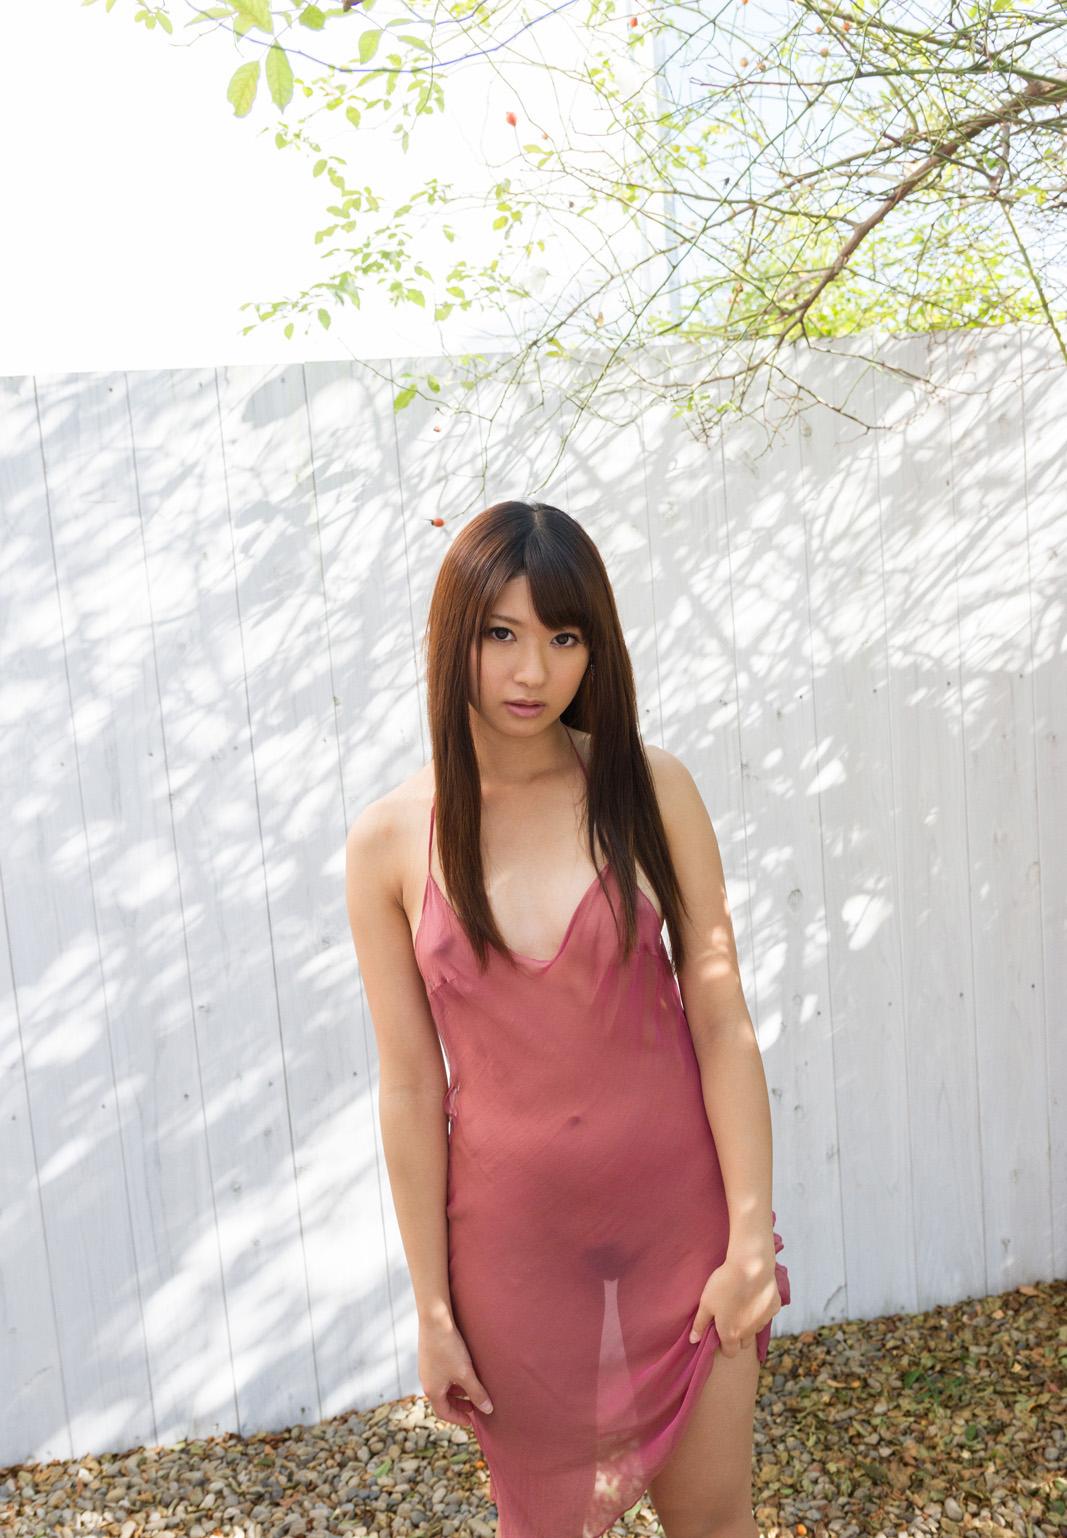 緒川りお 画像 31